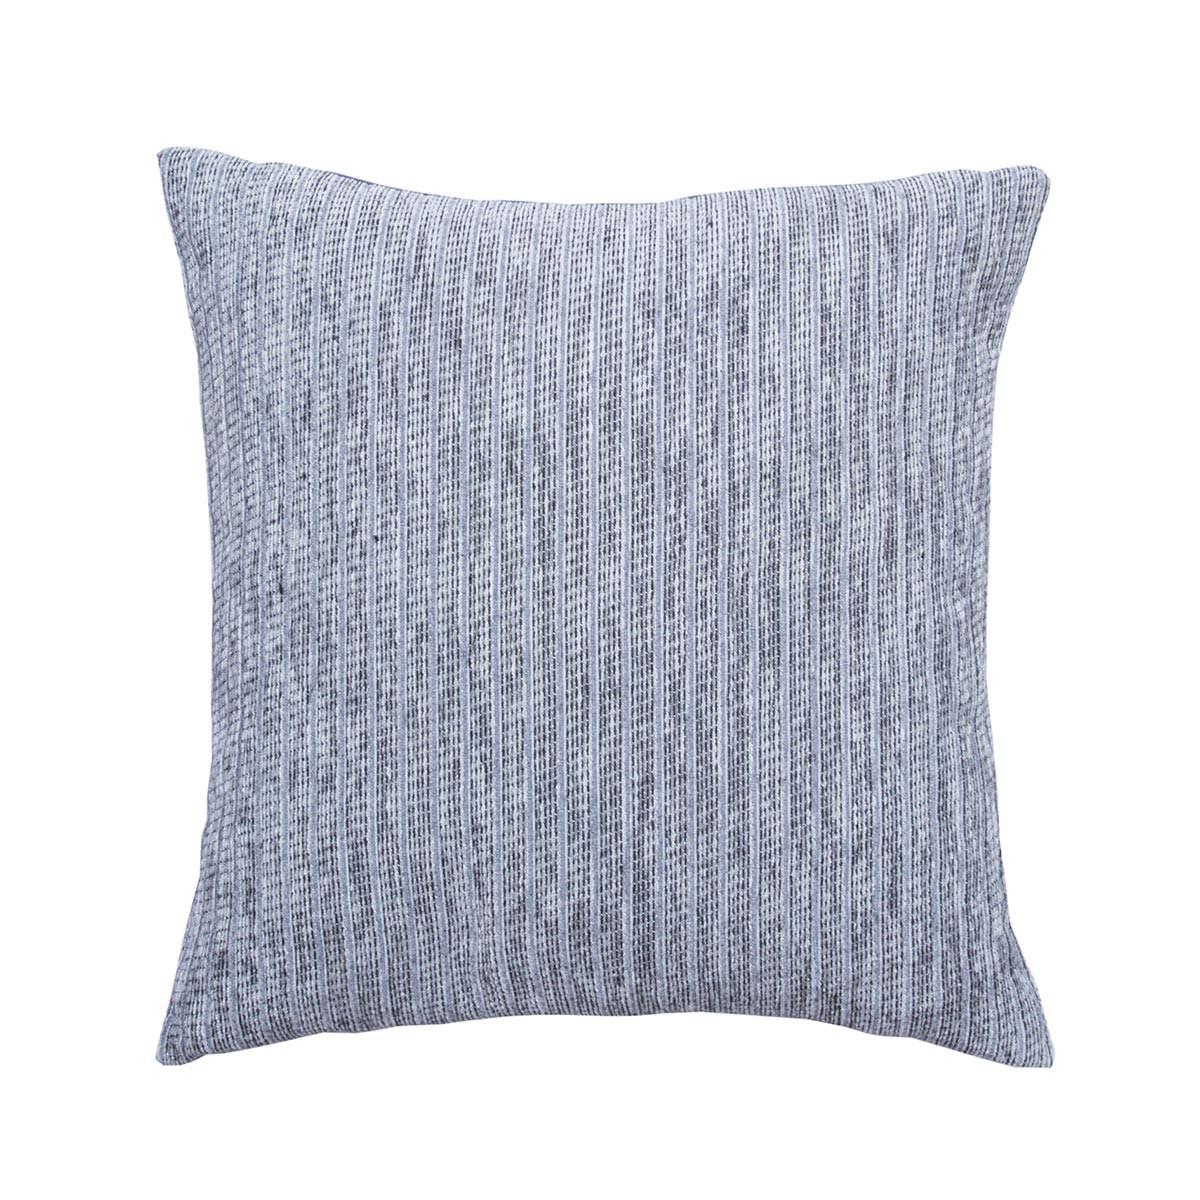 Διακοσμητική Μαξιλαροθήκη (40×40) Loom To Room Kottle Grey